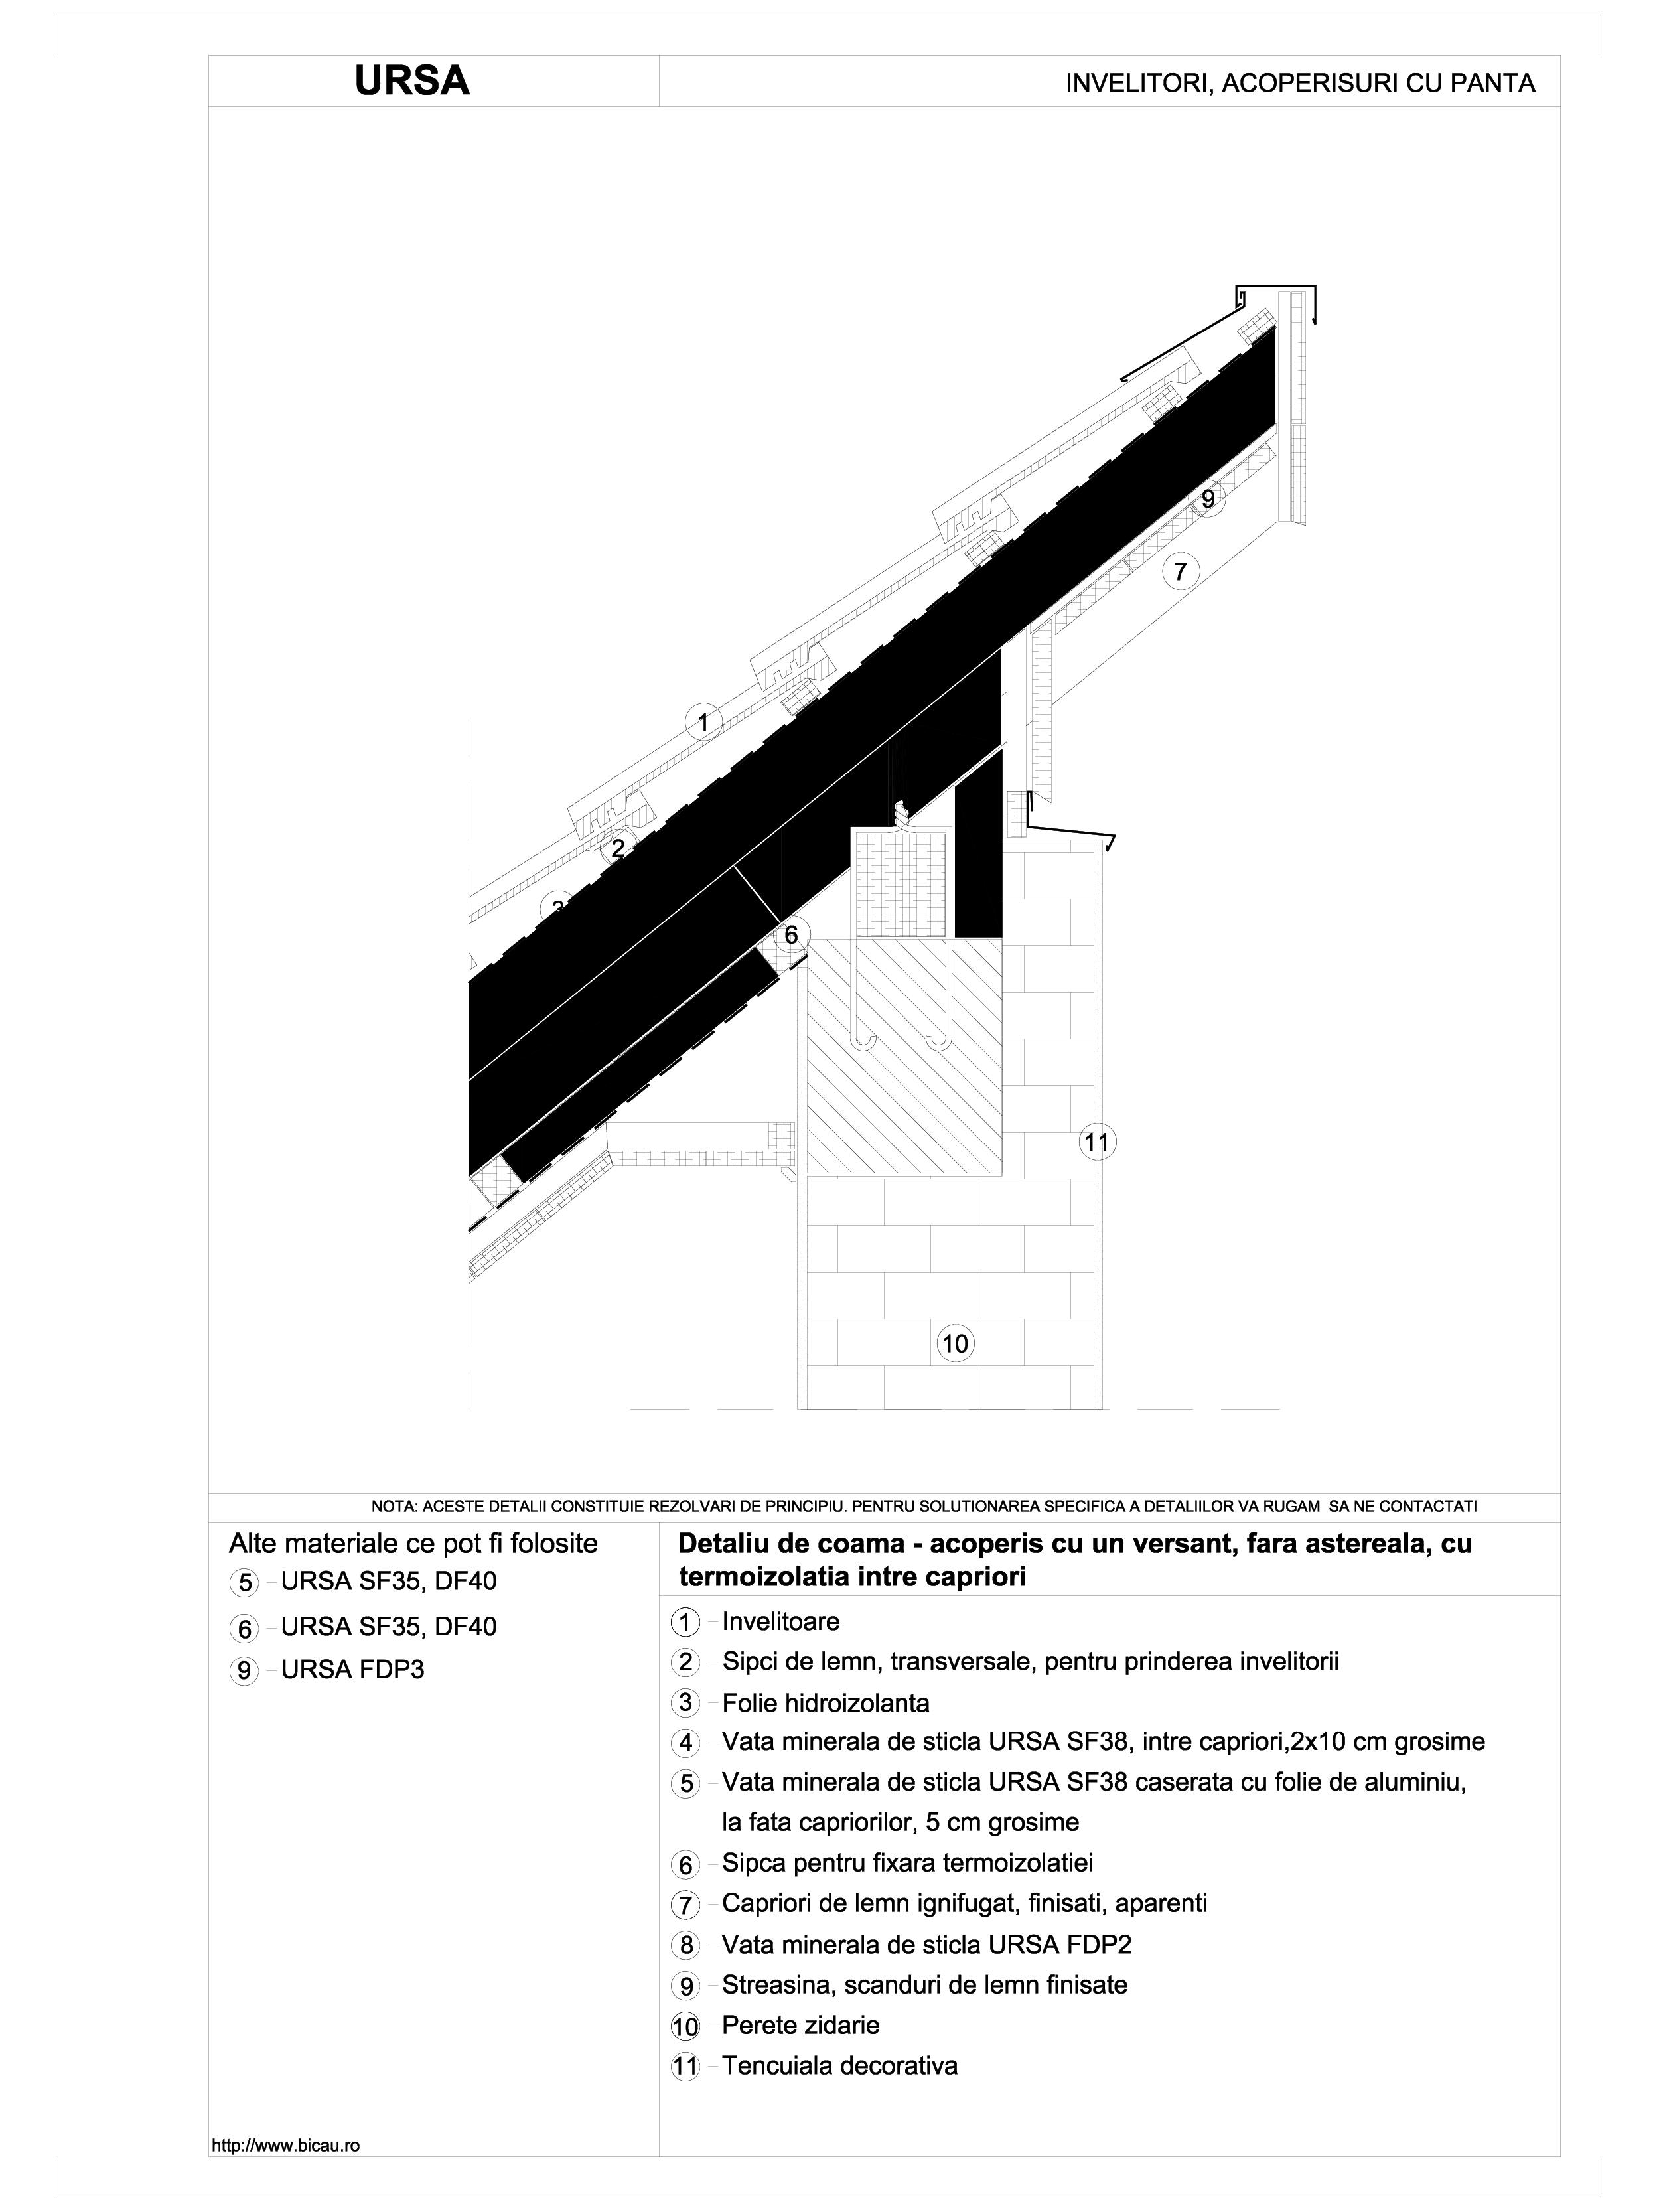 Detaliu de coama - acoperis cu un versant, fara astereala, cu termoizolatia intre capriori URSA Vata minerala pentru acoperisuri si mansarde URSA ROMANIA   - Pagina 1